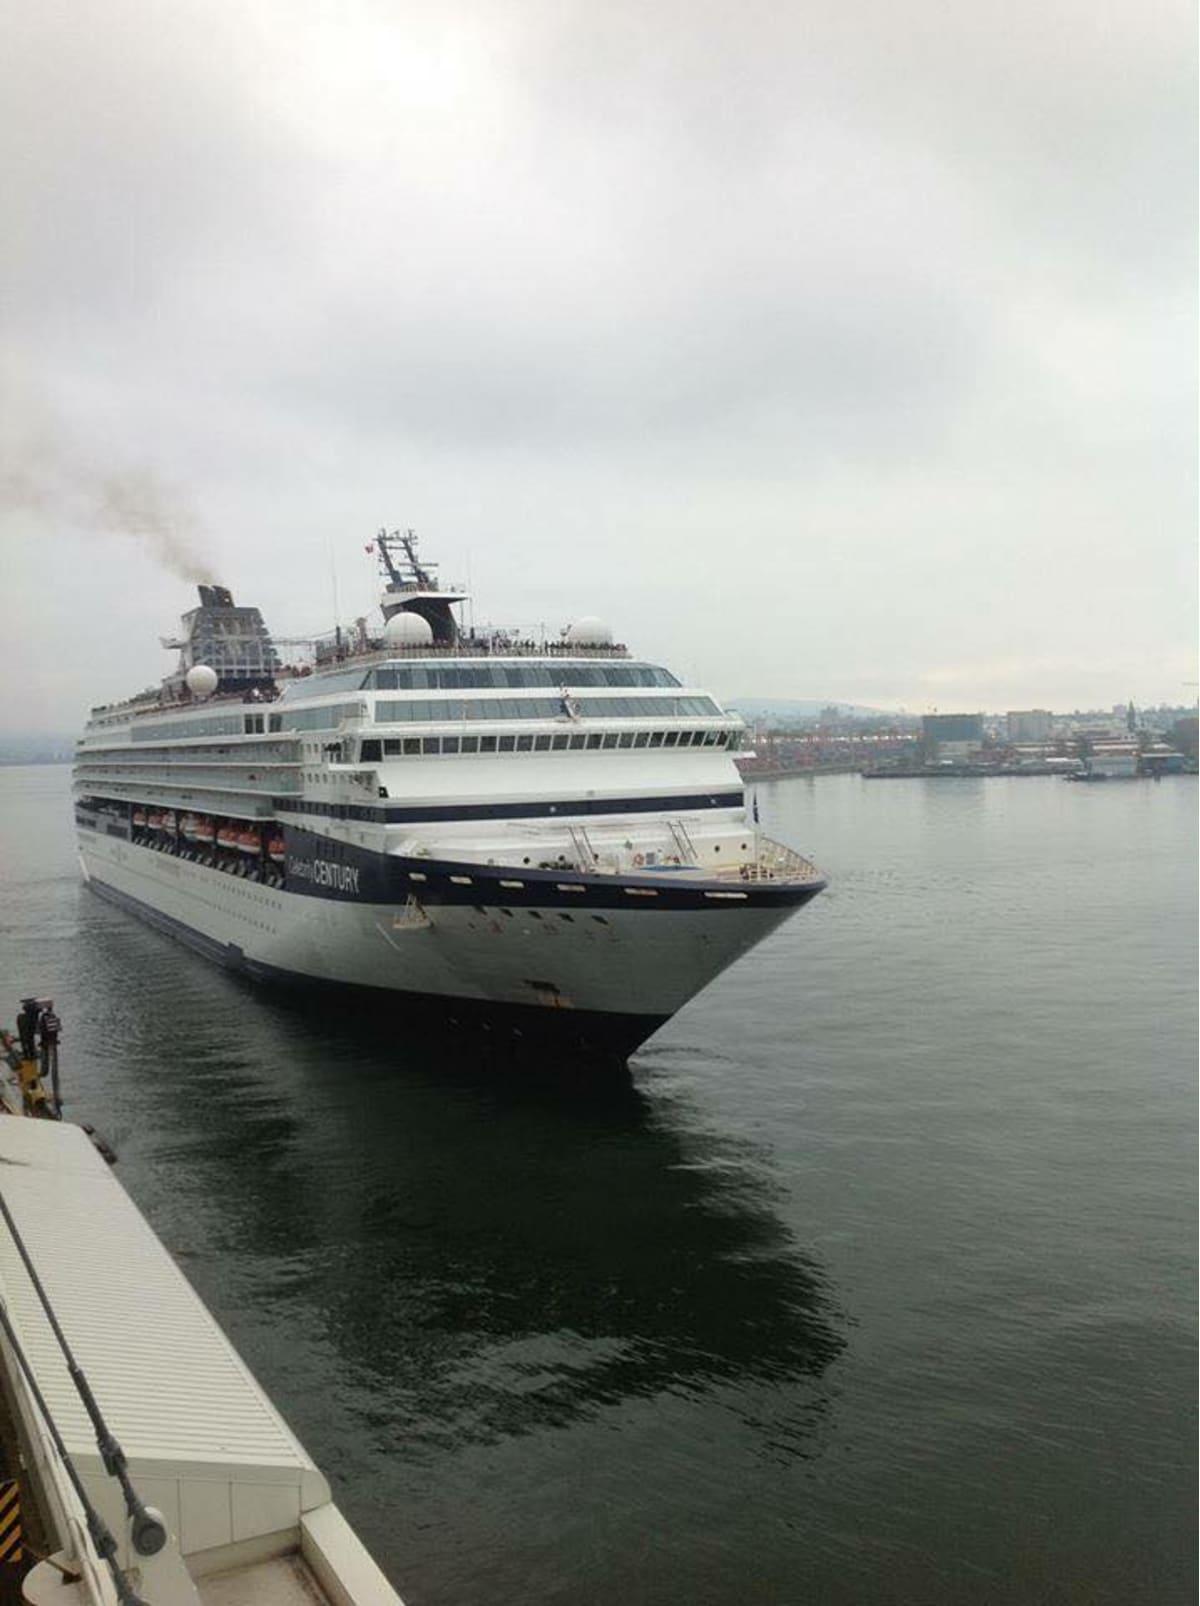 9月15日、バンクバーからアラスカ方面に向かう Celebrity Century